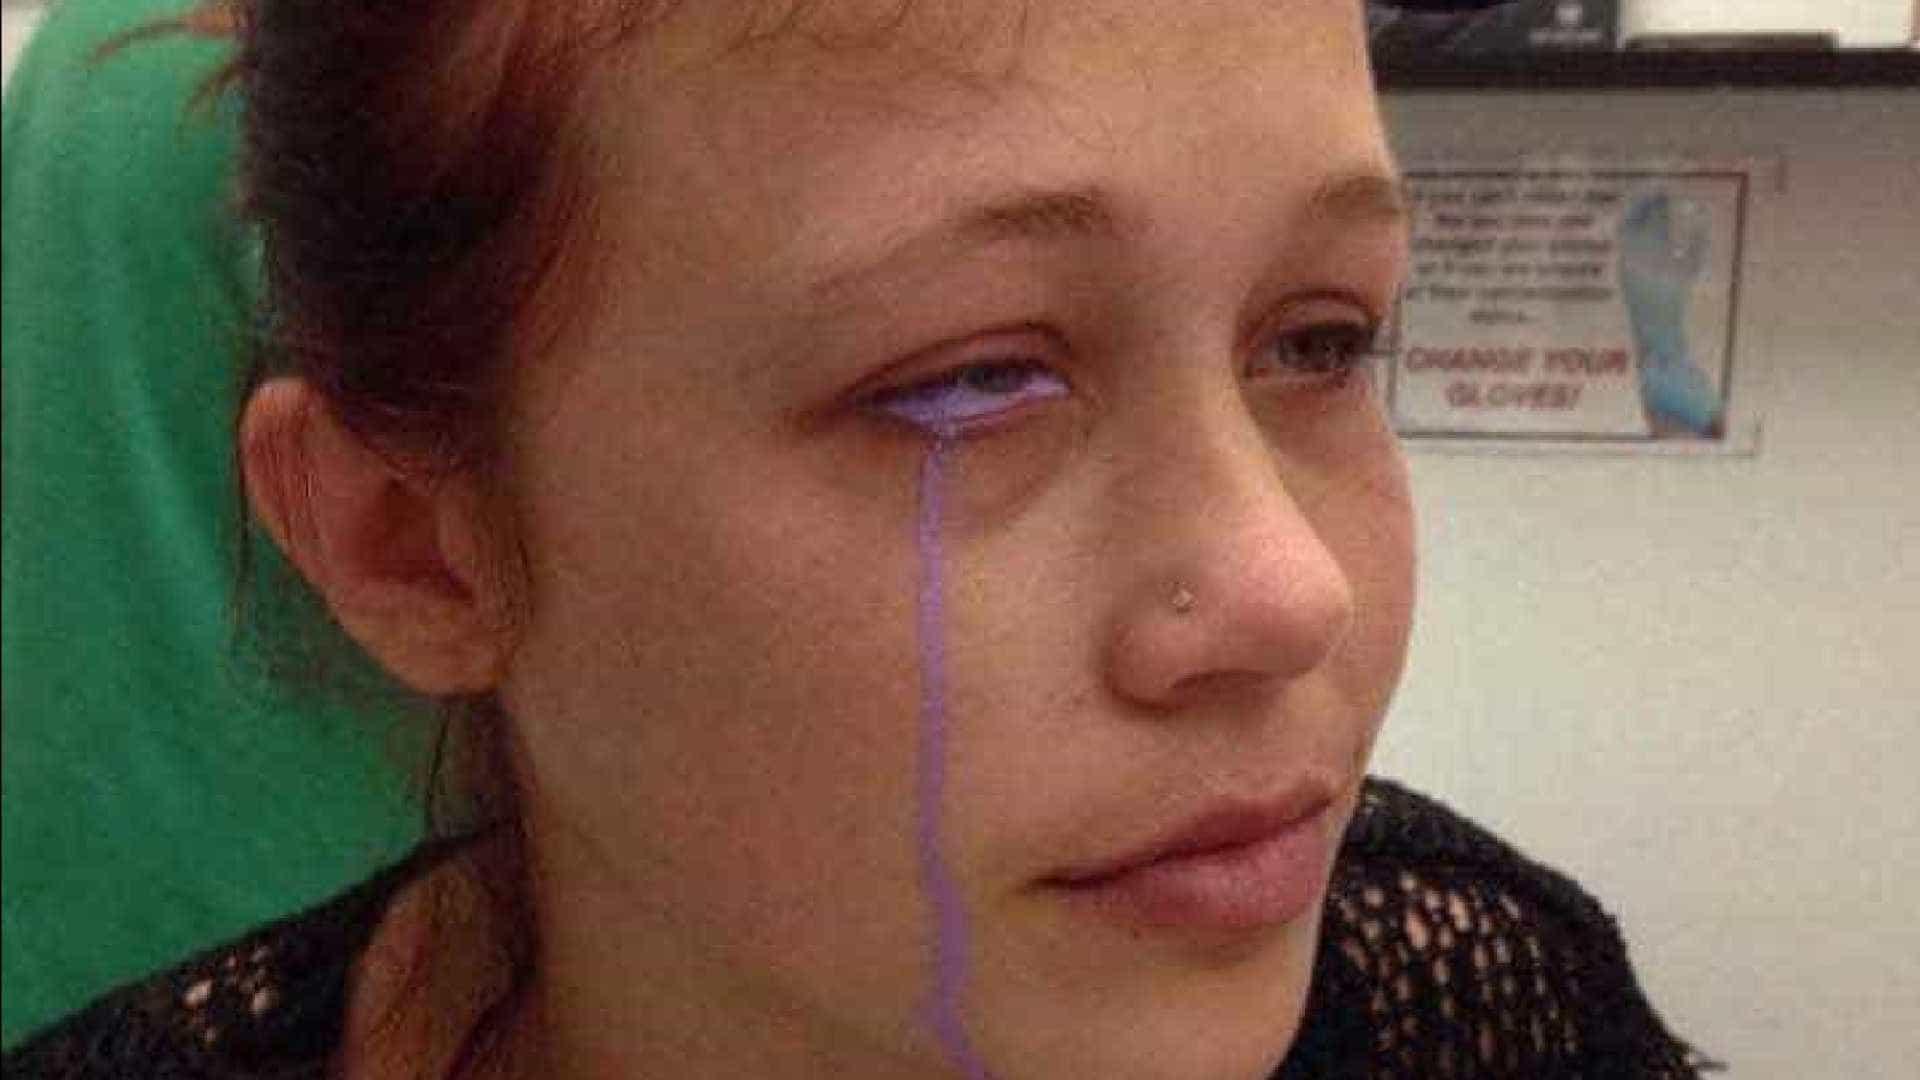 Modelo que fez tatuagem no olho corre o risco de ficar cega